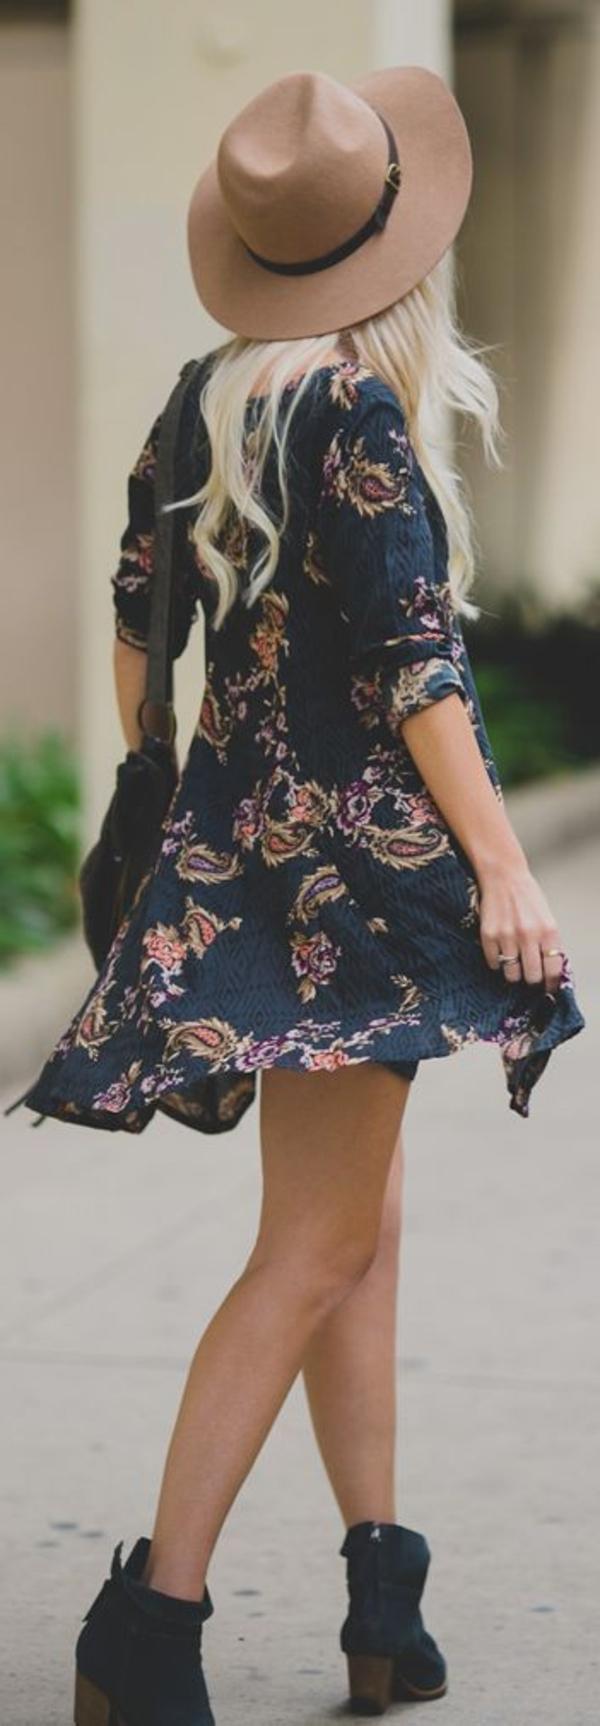 robe-hippie-chic-un-style-vintage